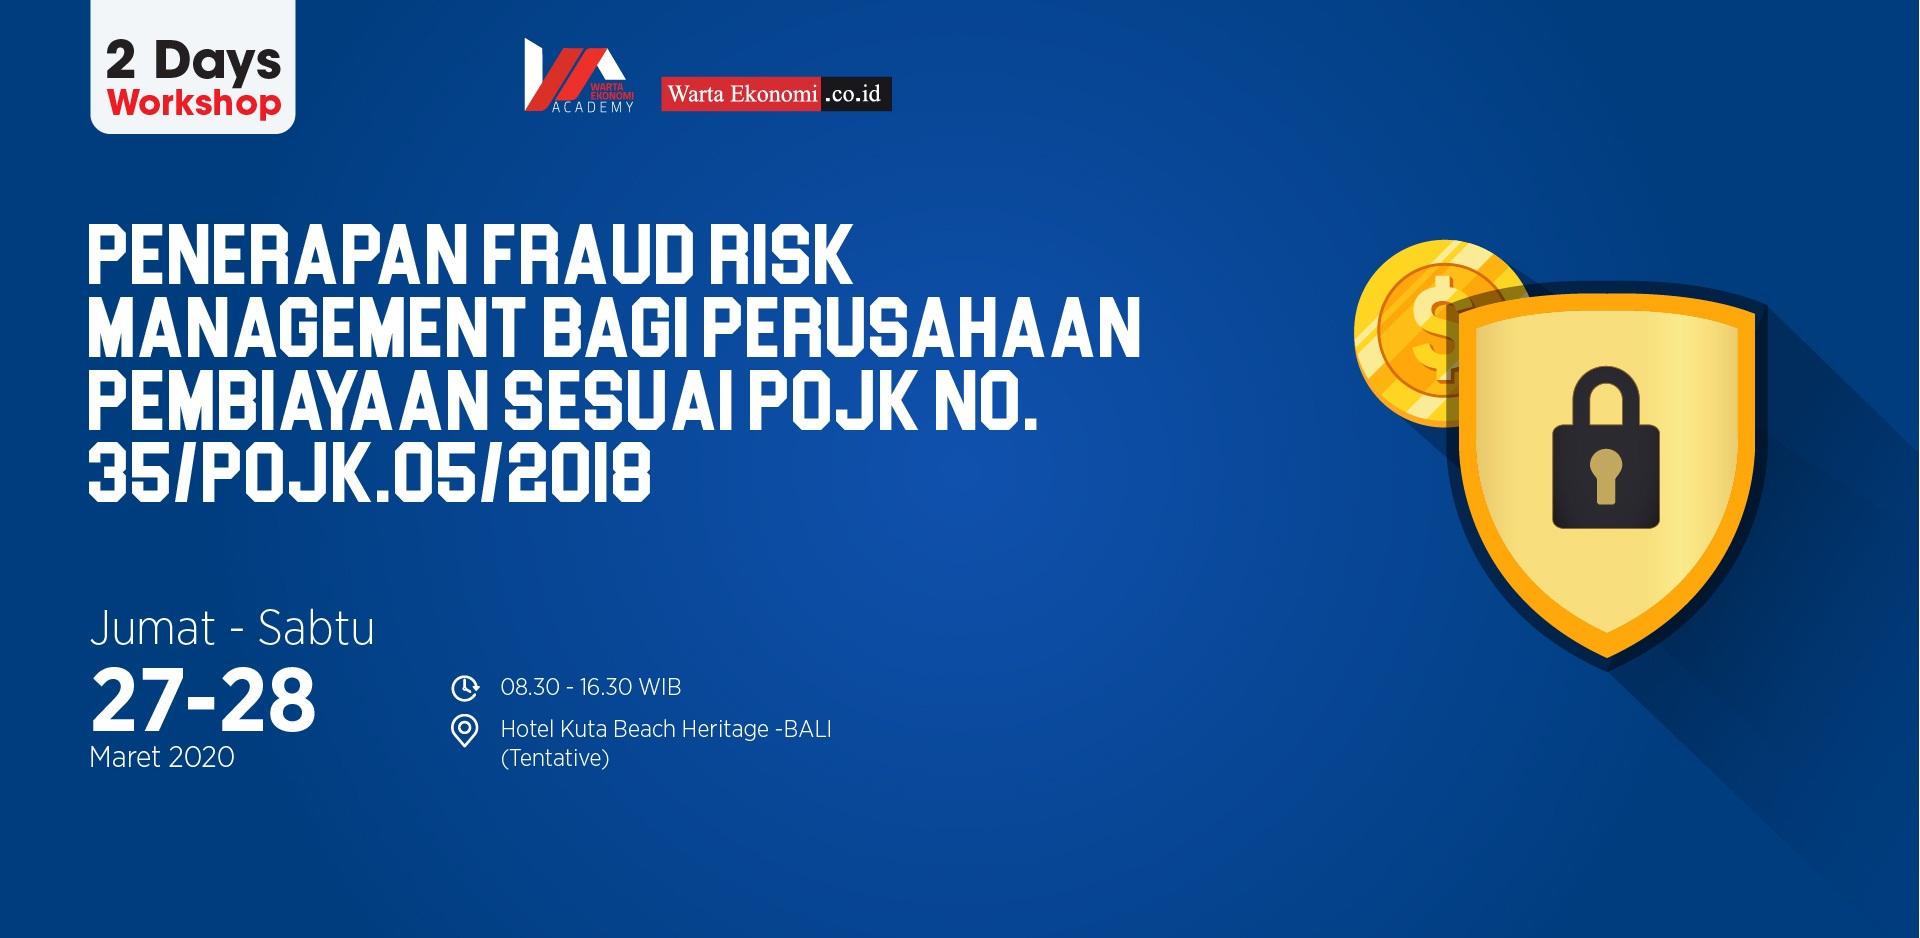 Penerapan Fraud Risk Management Bagi Perusahaan Pembiayaan Sesuai PJOK No.35/PJOK.35?2018